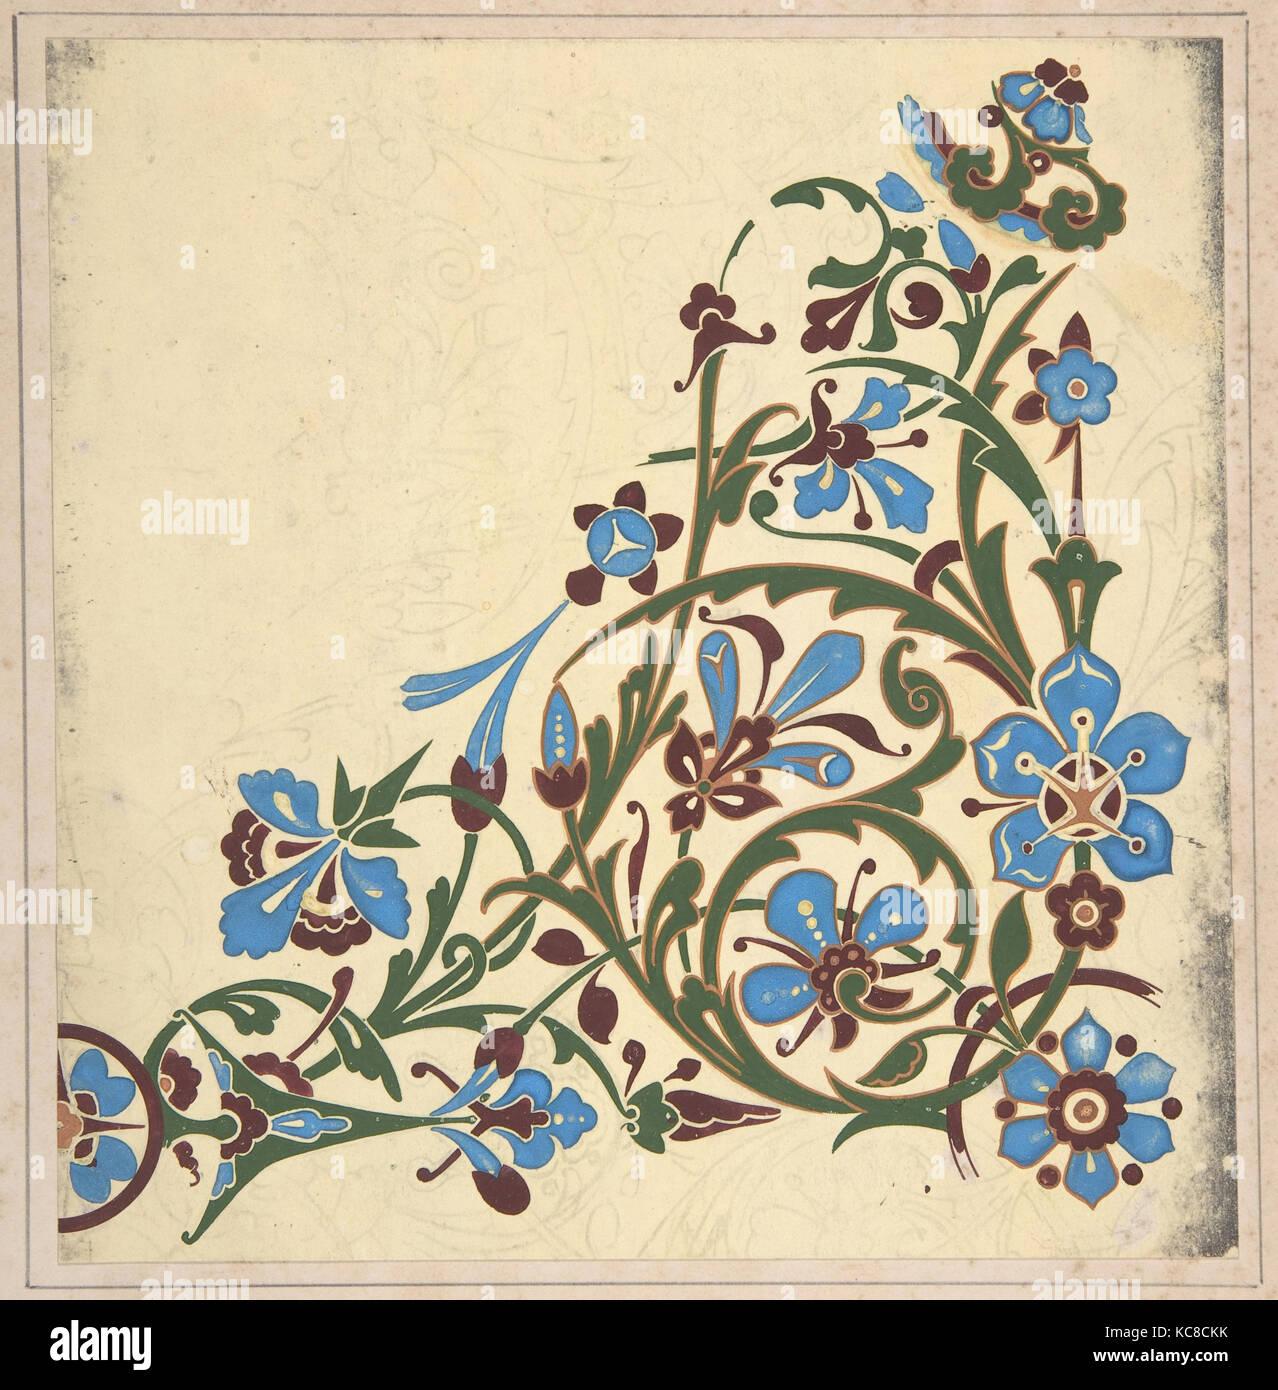 Design for a Floral Pattern, Christopher Dresser, ca. 1883, based on earlier design - Stock Image